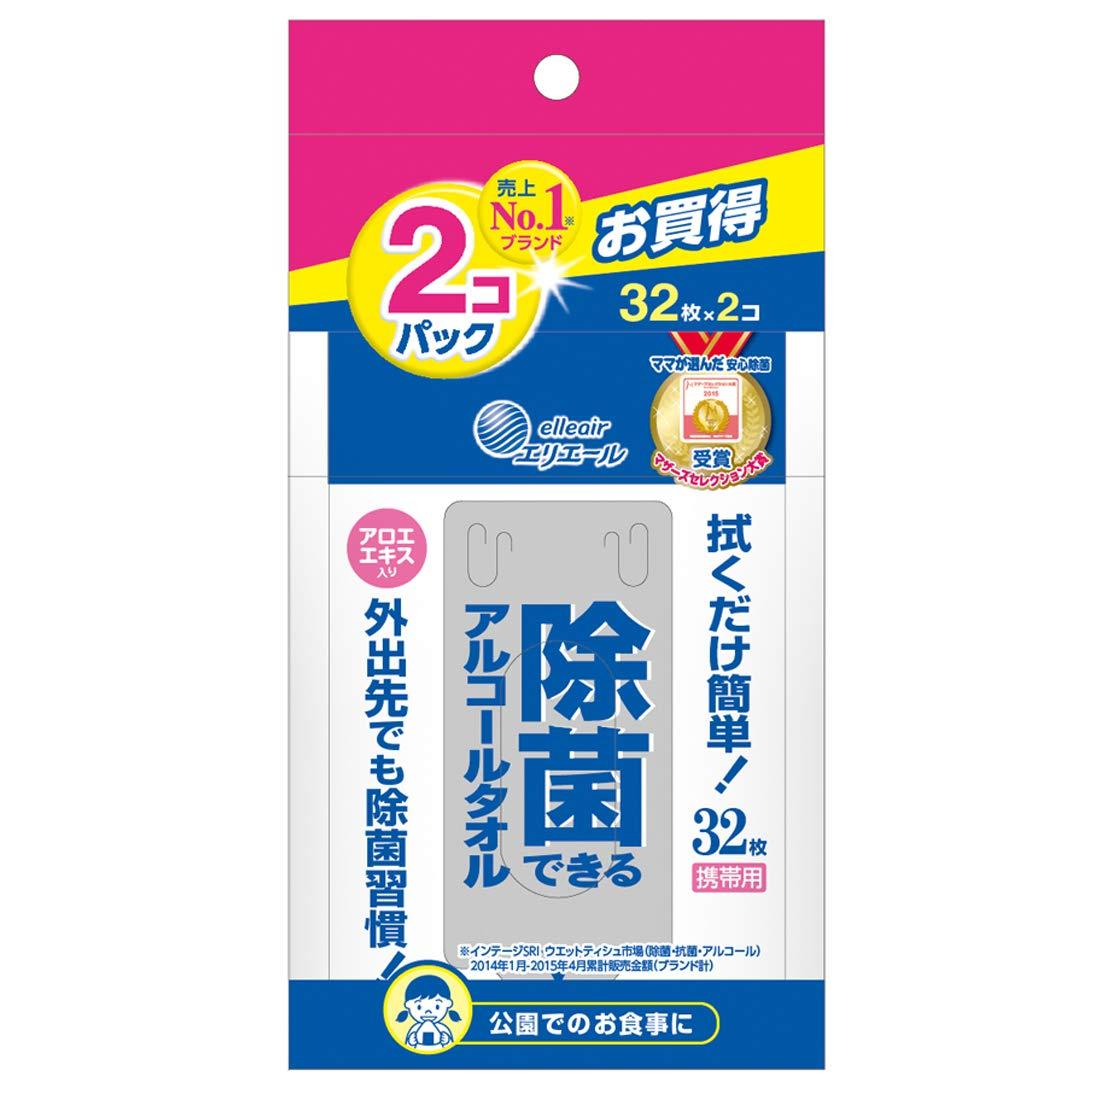 エリエール 除菌できるアルコールタオル 携帯用